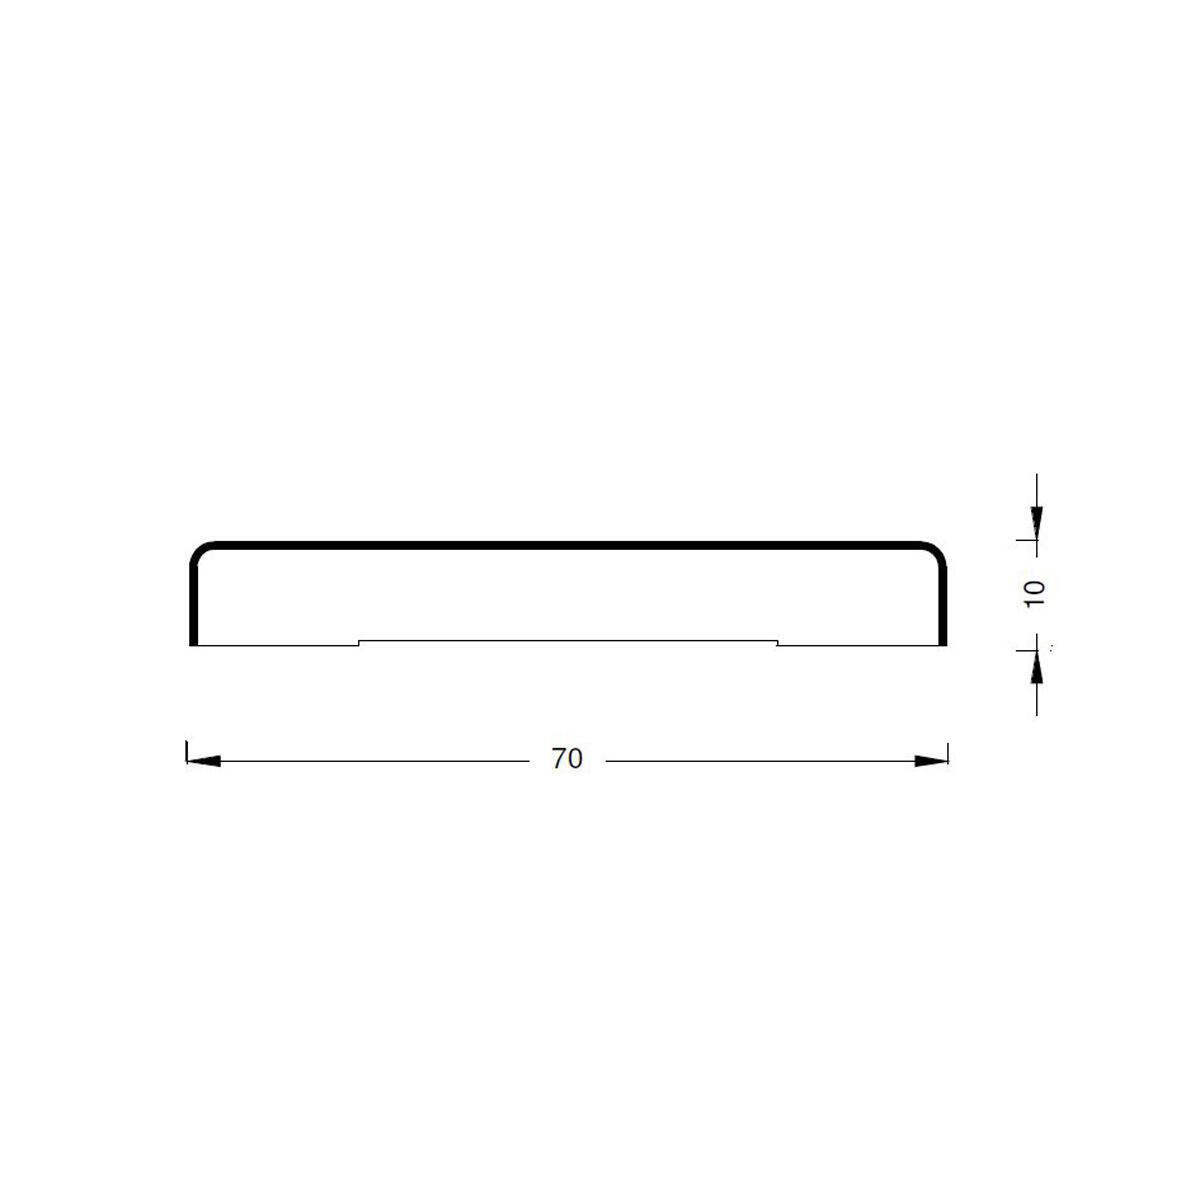 Coprifilo Beethoven in legno legno massello naturale L 2250 x P 10 x H 70 mm - 2